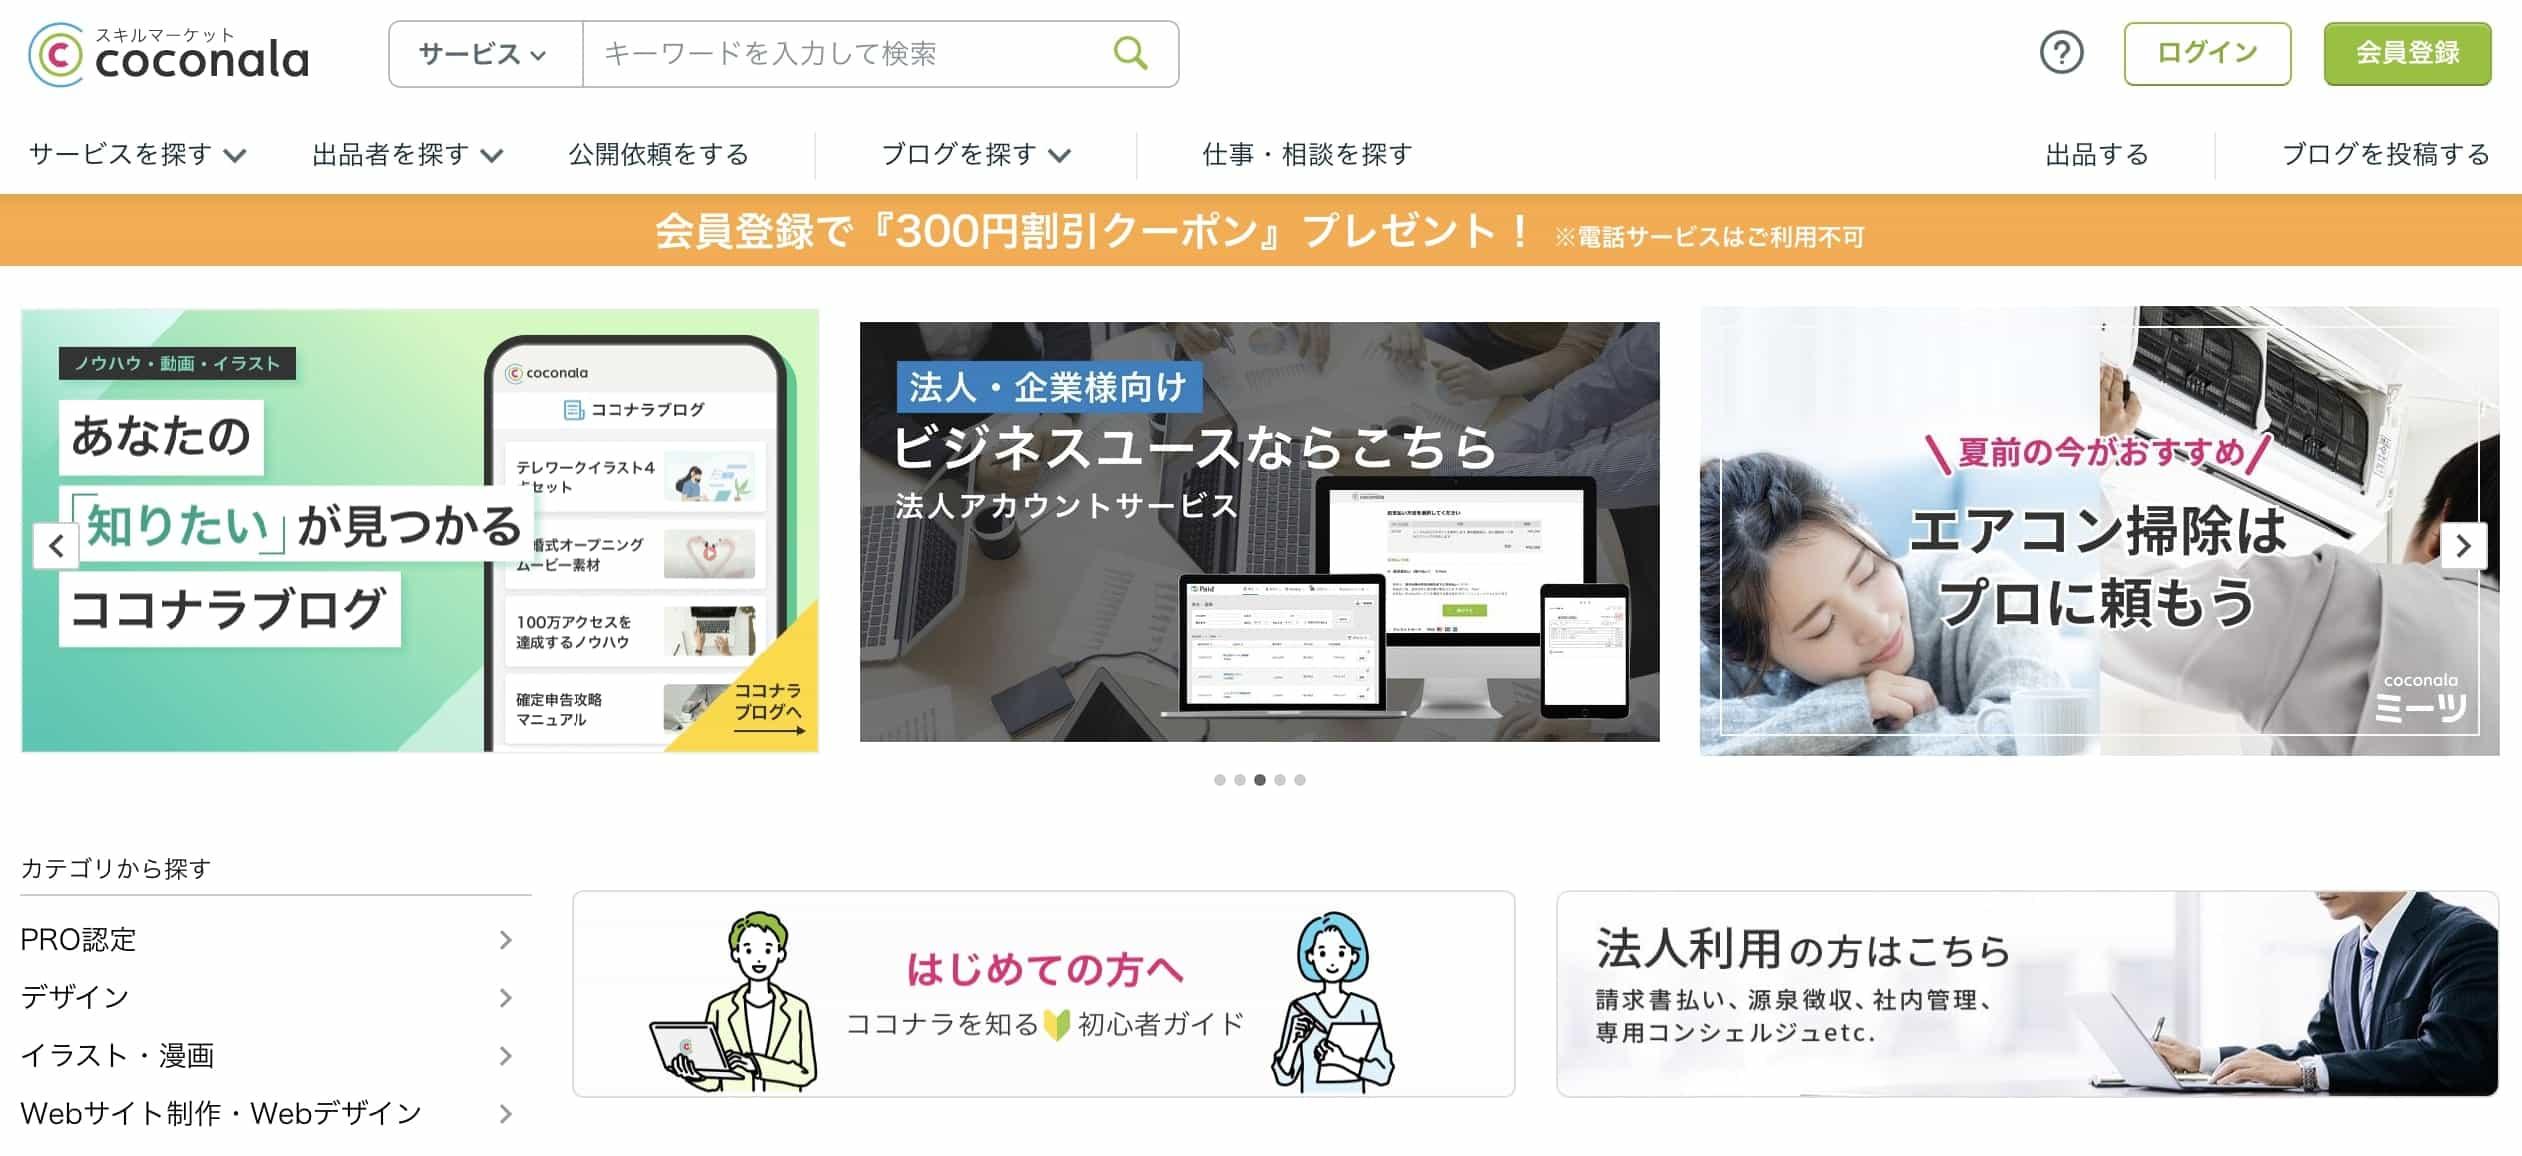 Webデザイナーにおすすめでスキル販売ができる「ココナラ」